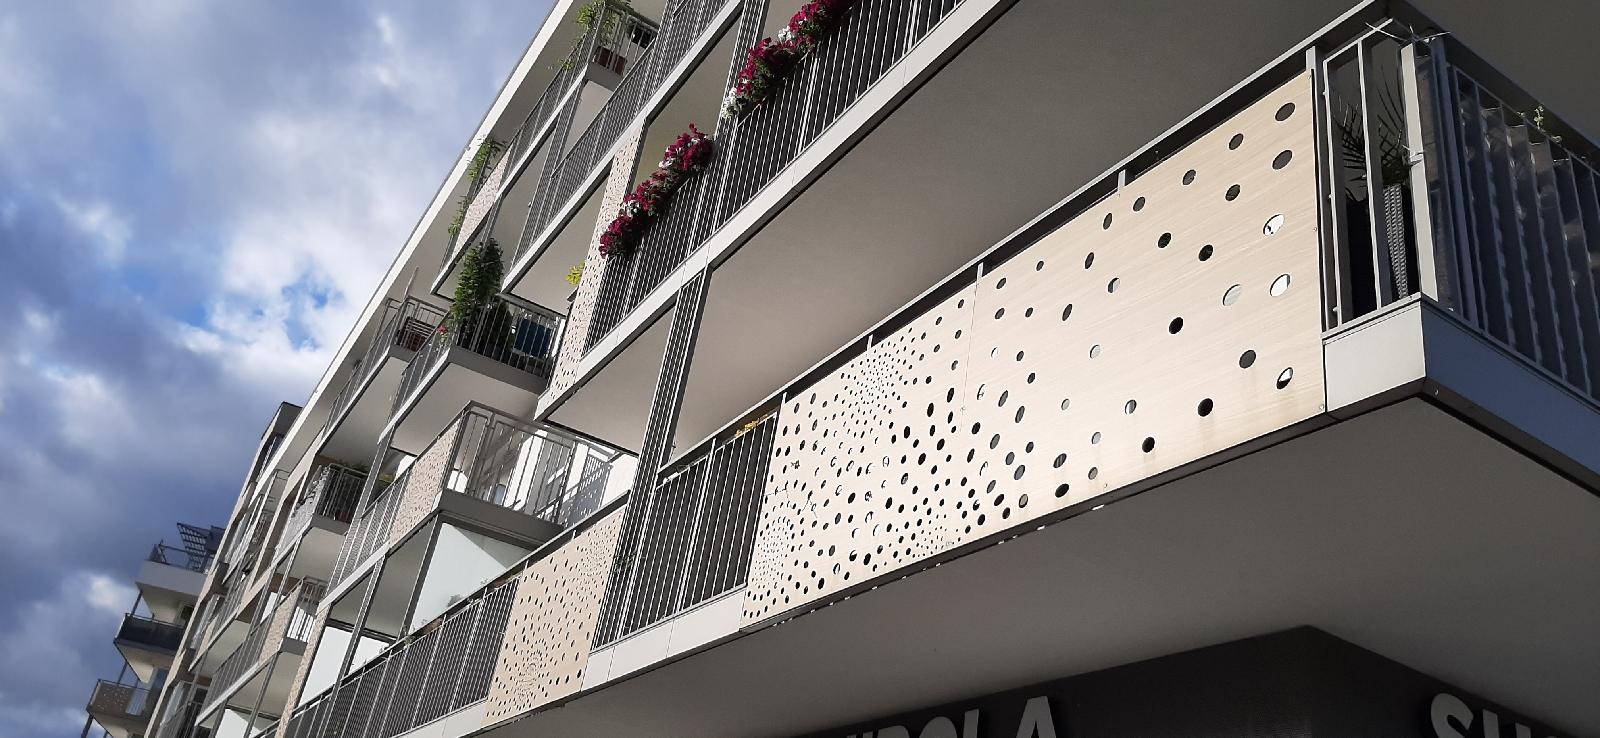 Balustrady na balkony z HPL w kolorze elewacji